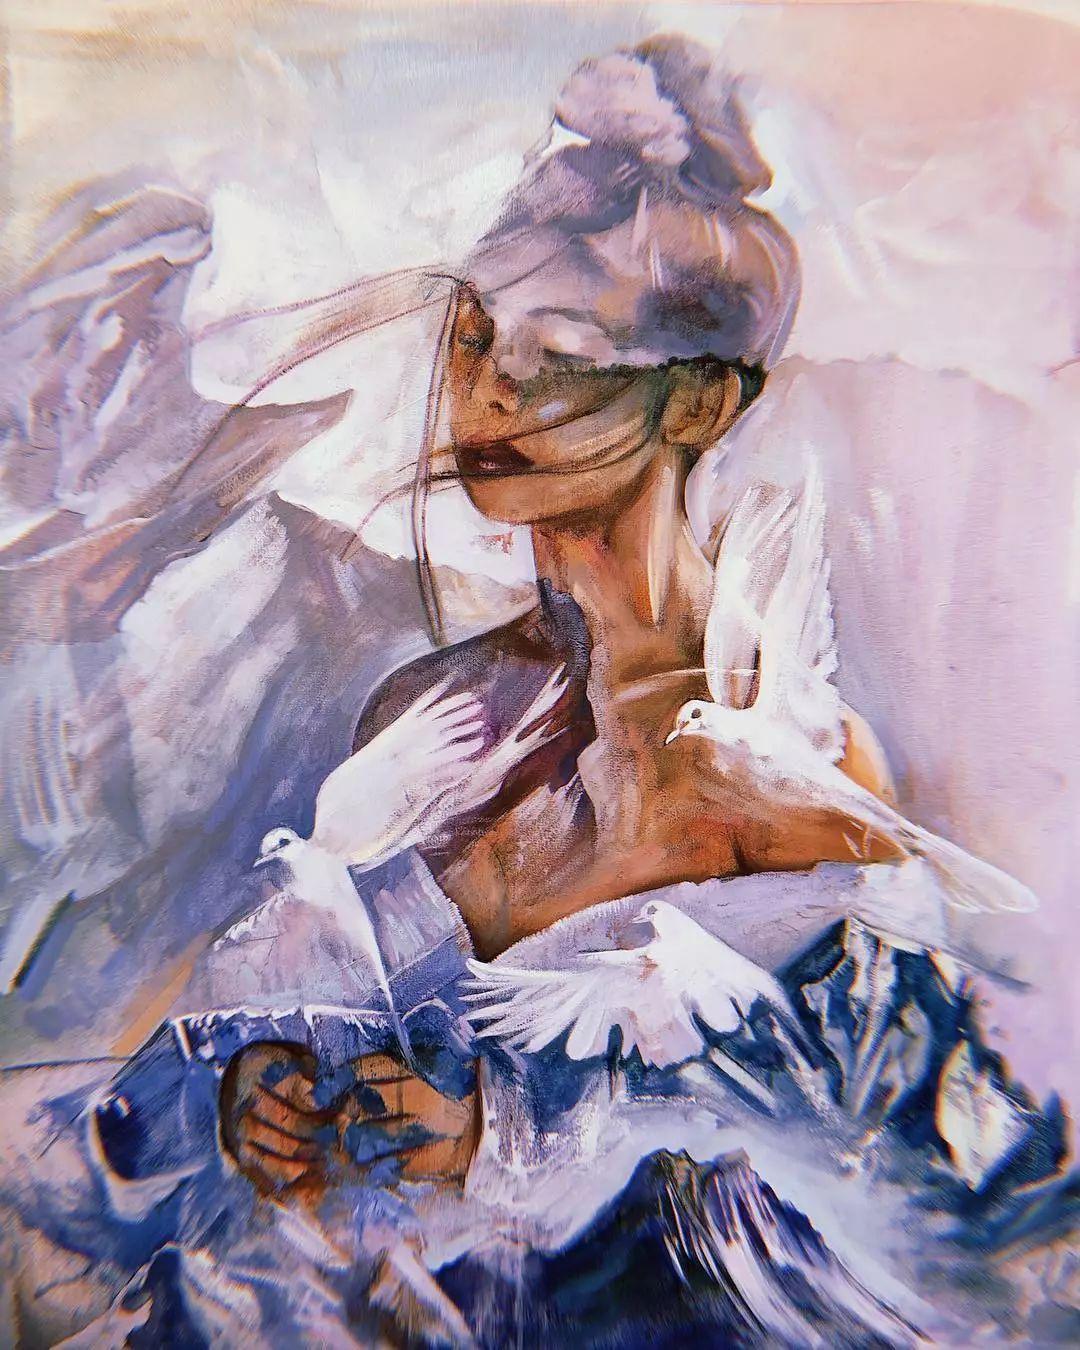 12岁开始画画 16岁就卖画赚100万——希腊小画家Dimitra Milan插图12